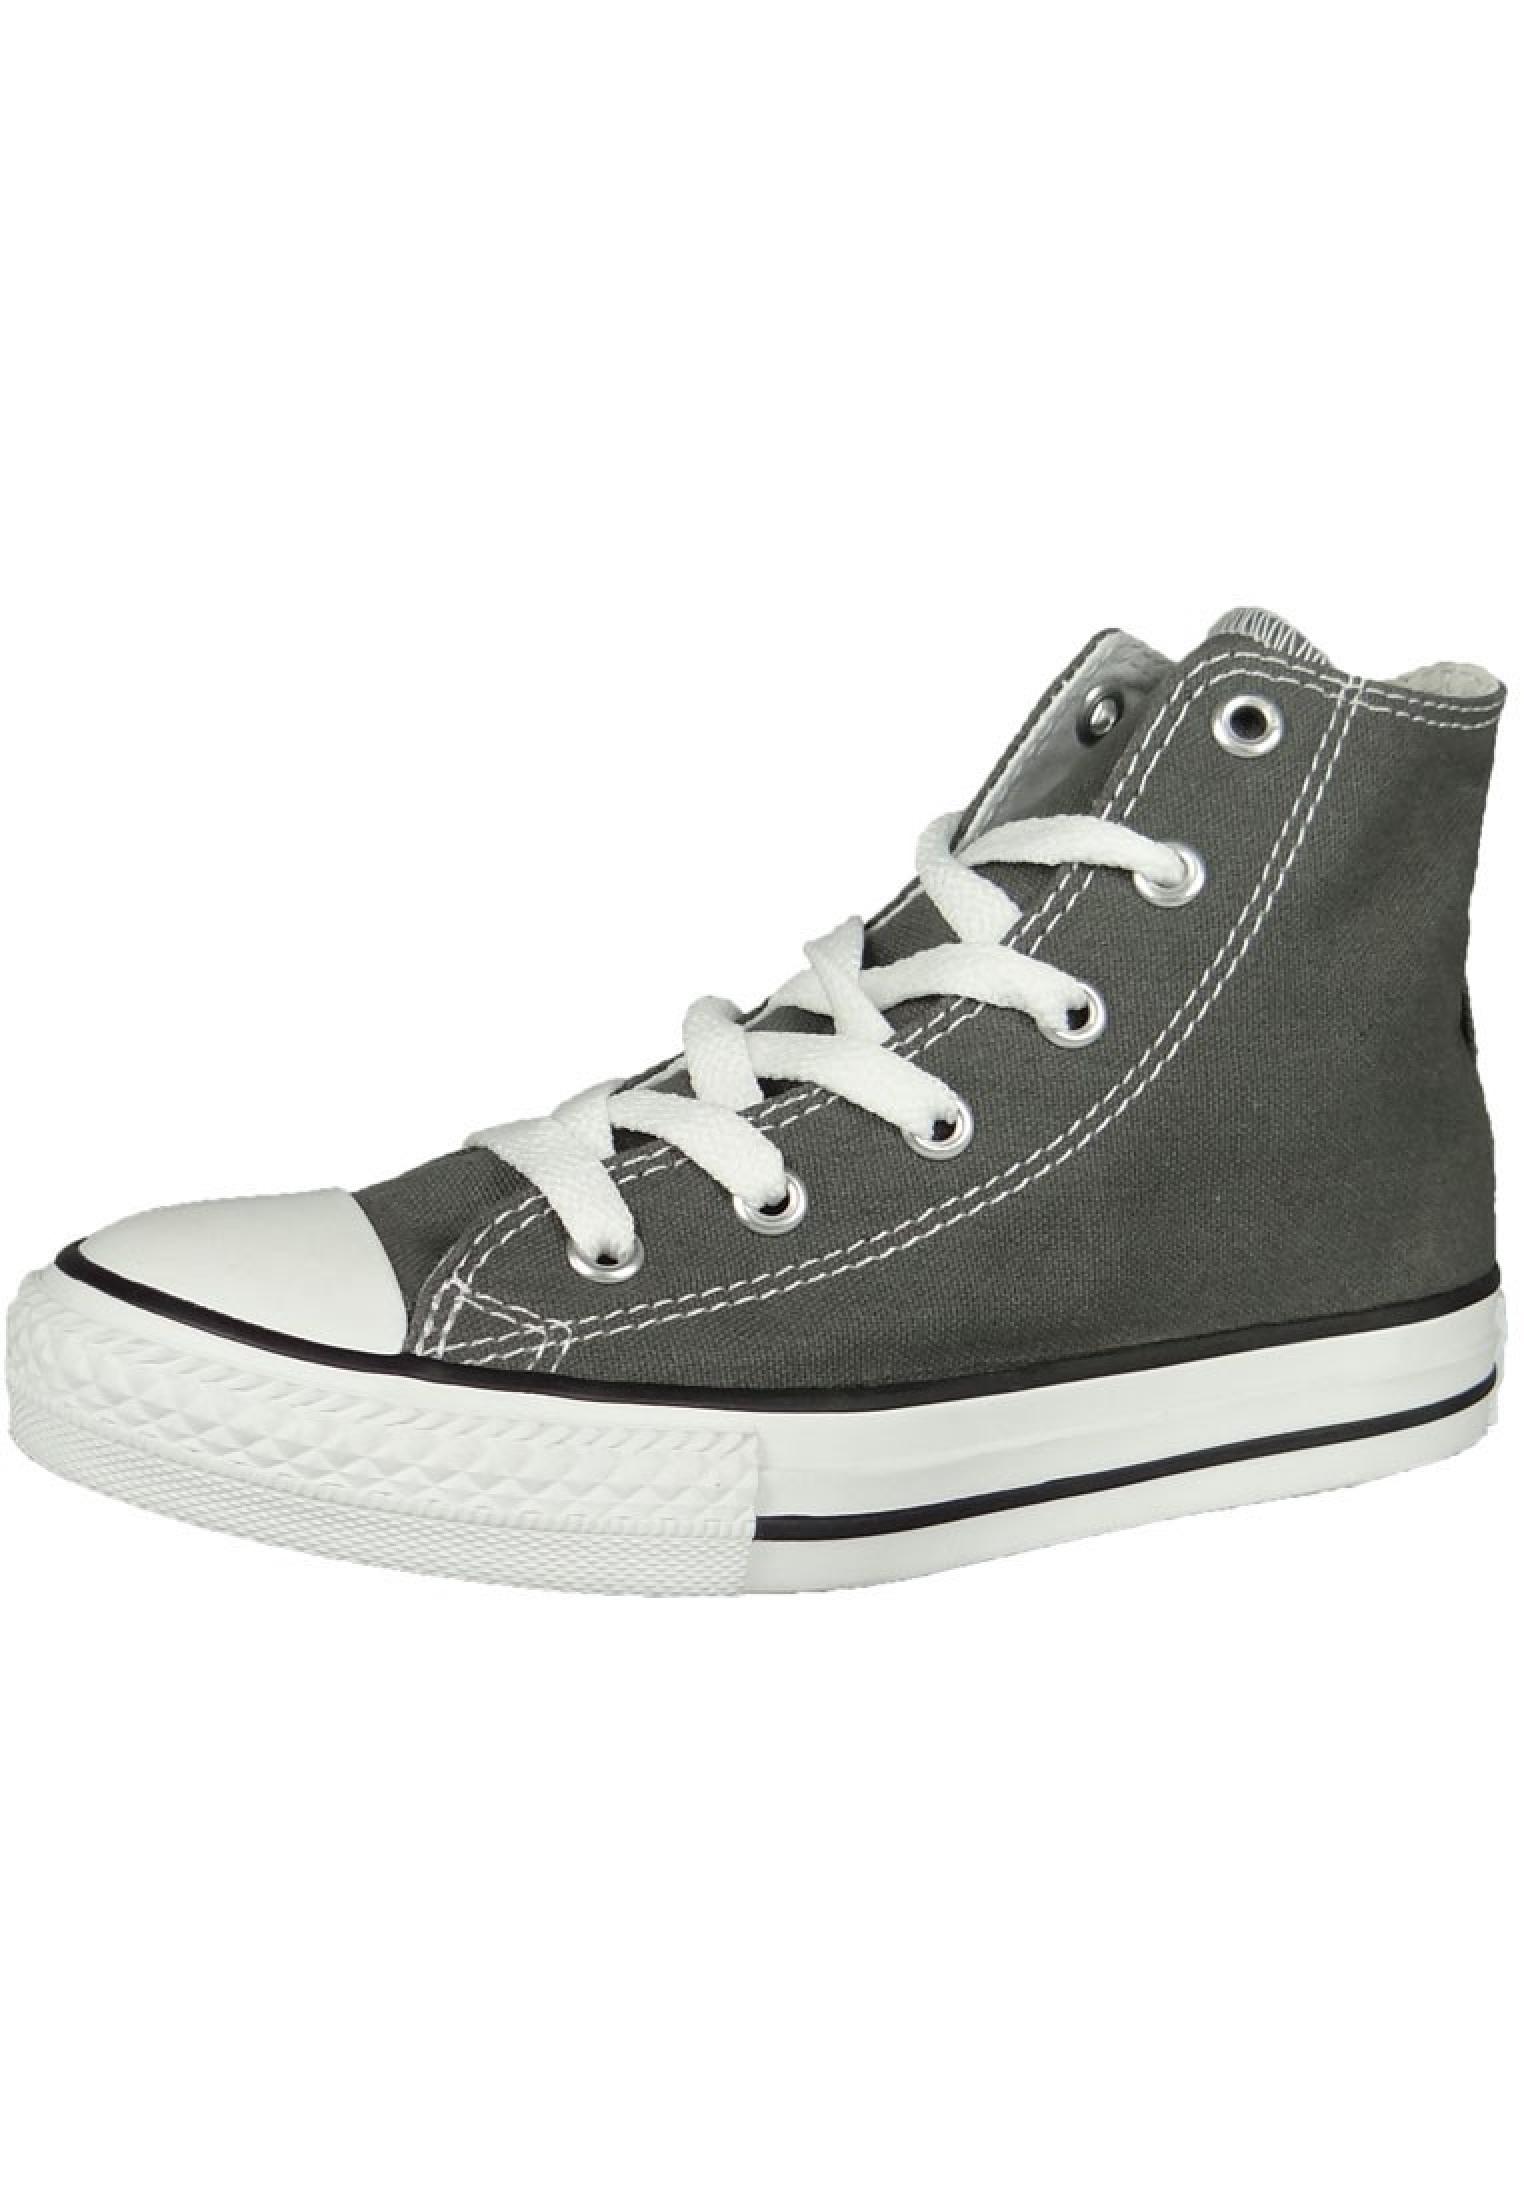 Converse Chucks Kinder 3J793C HI Charcoal Grau